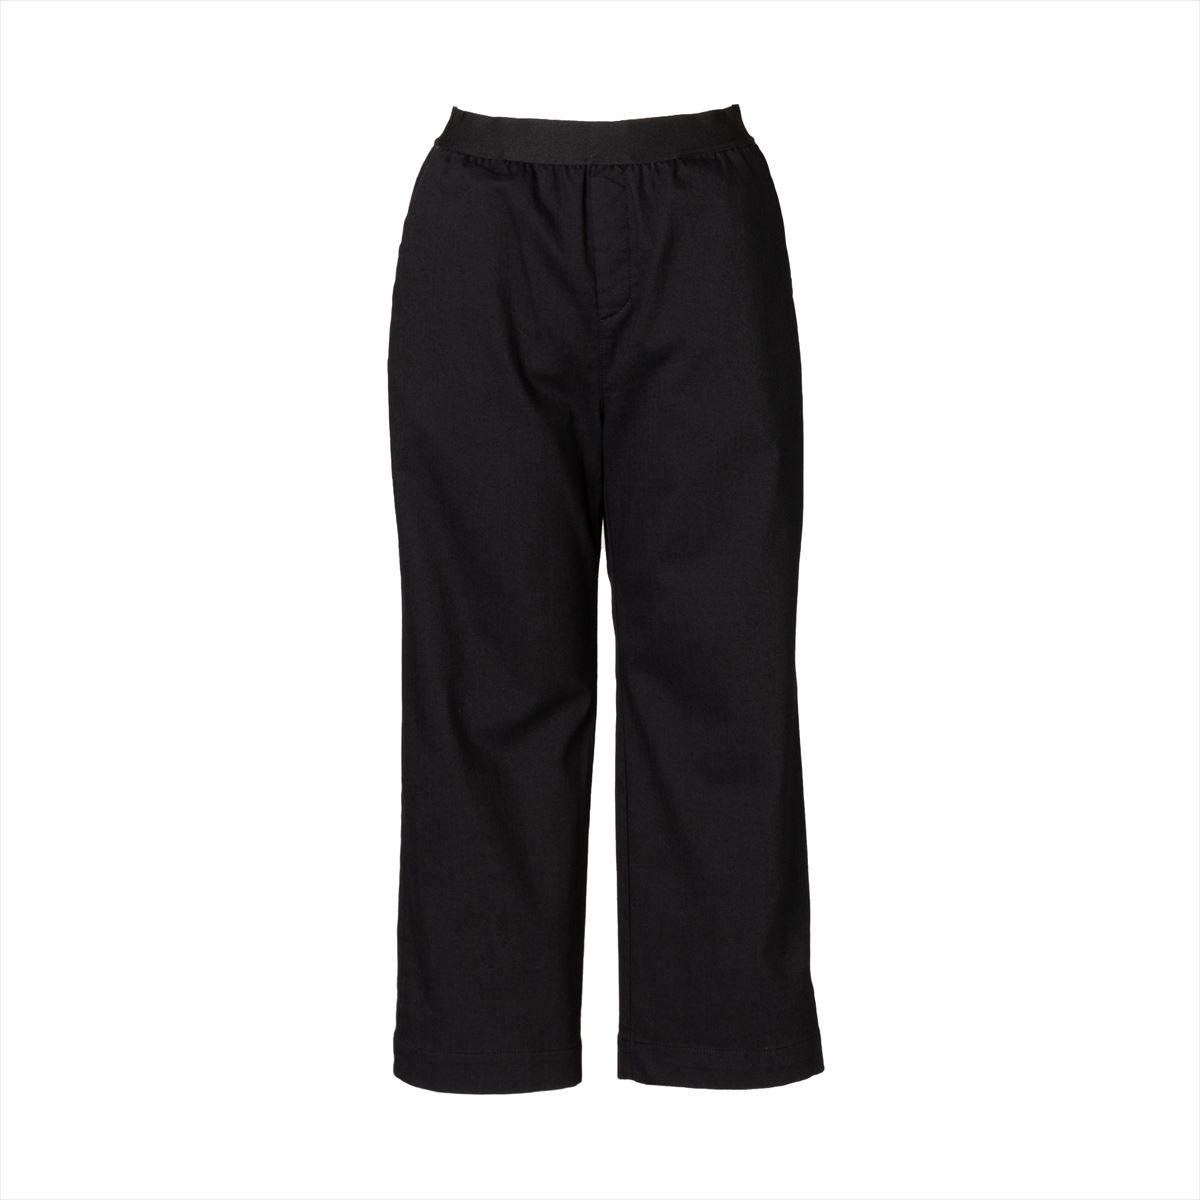 [50%OFF]MAXOU[マクゾゥ] MA392-3-0202 パンツ ブラック